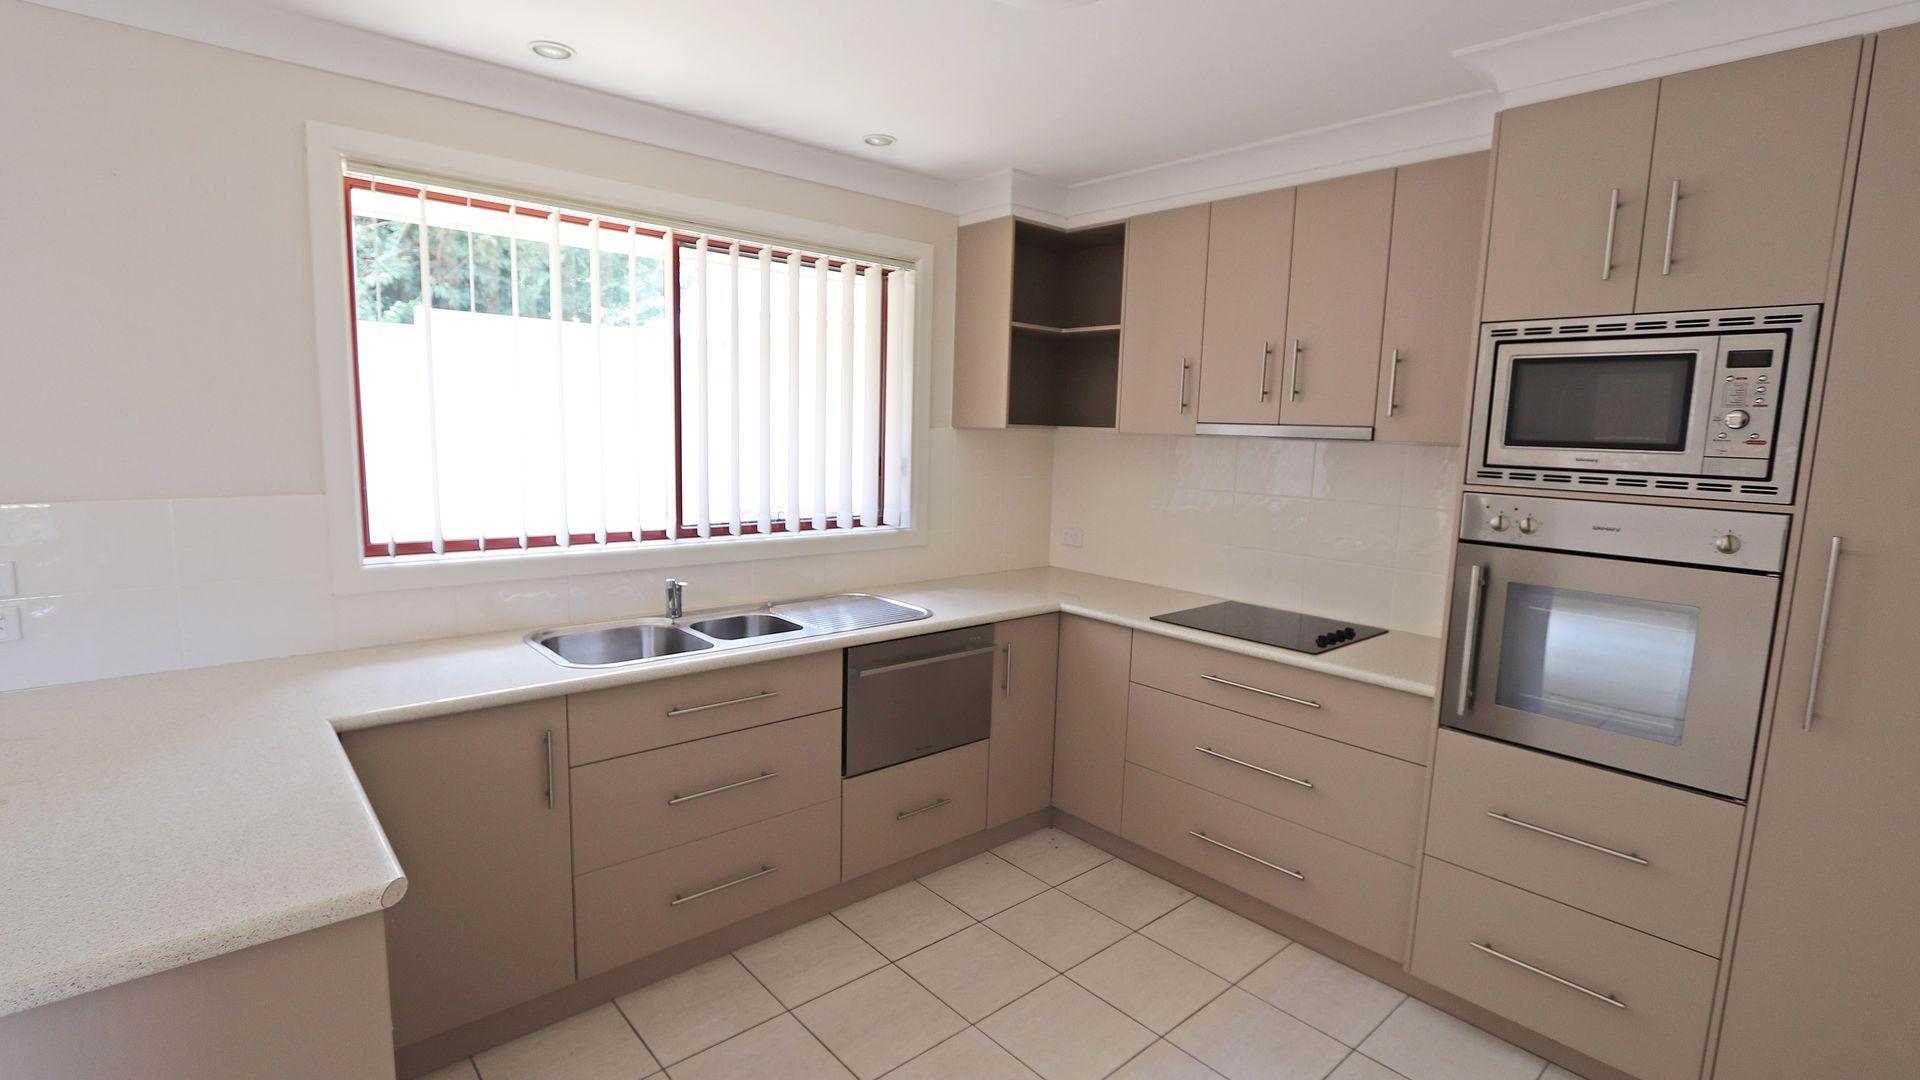 89-93 Winton Street - Unit 7, Tumbarumba NSW 2653, Image 1